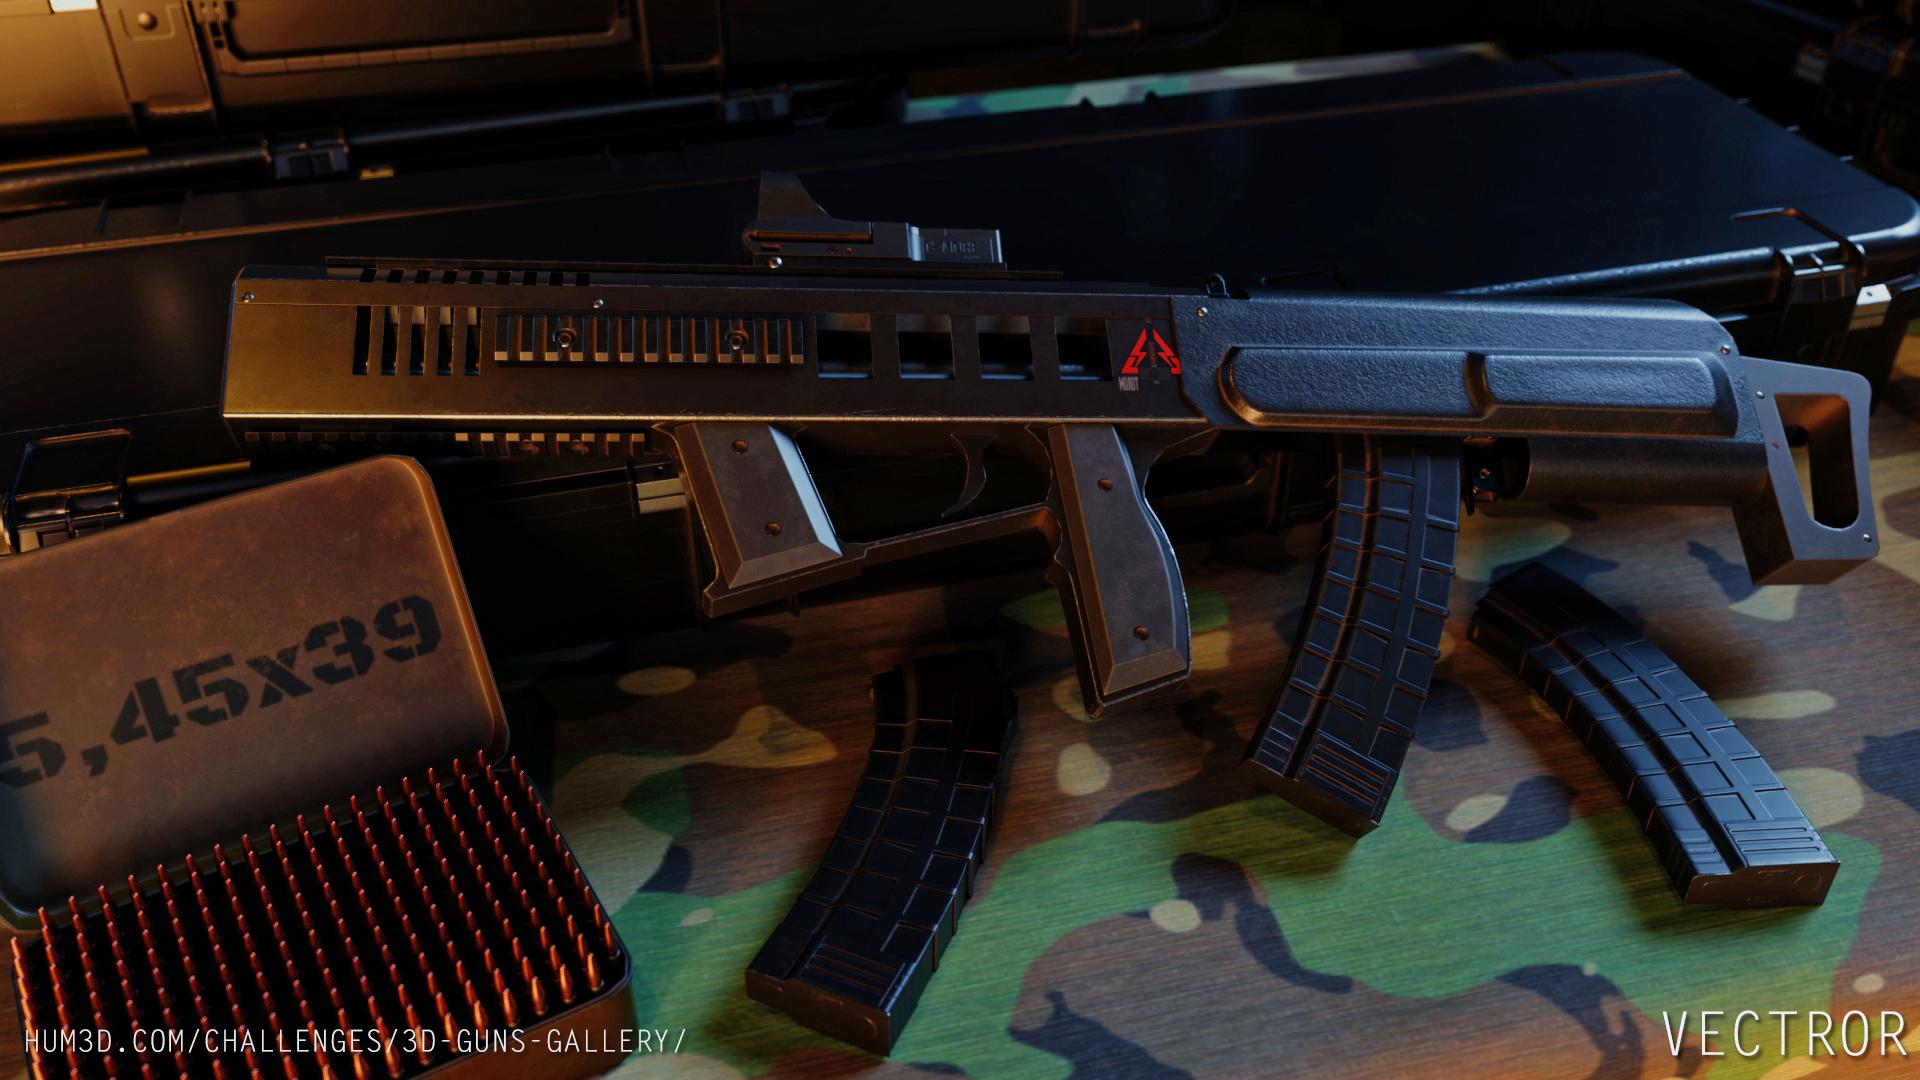 AKX1S 3d art